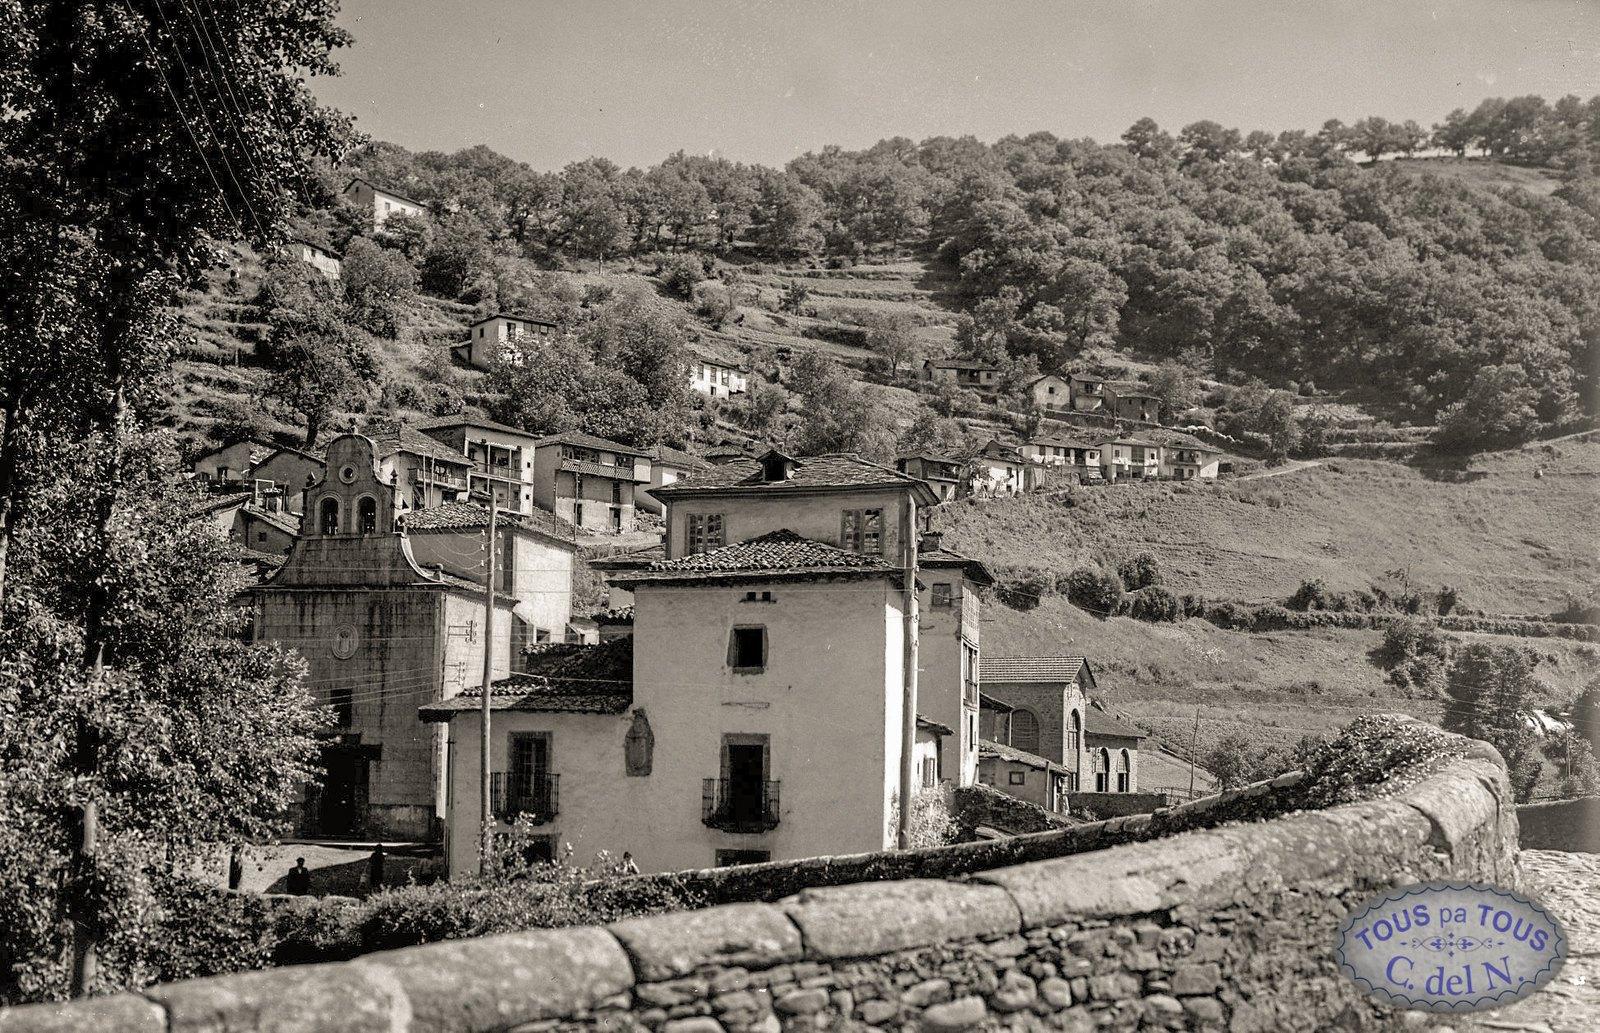 1959 - Ambasaguas y el Cascarín